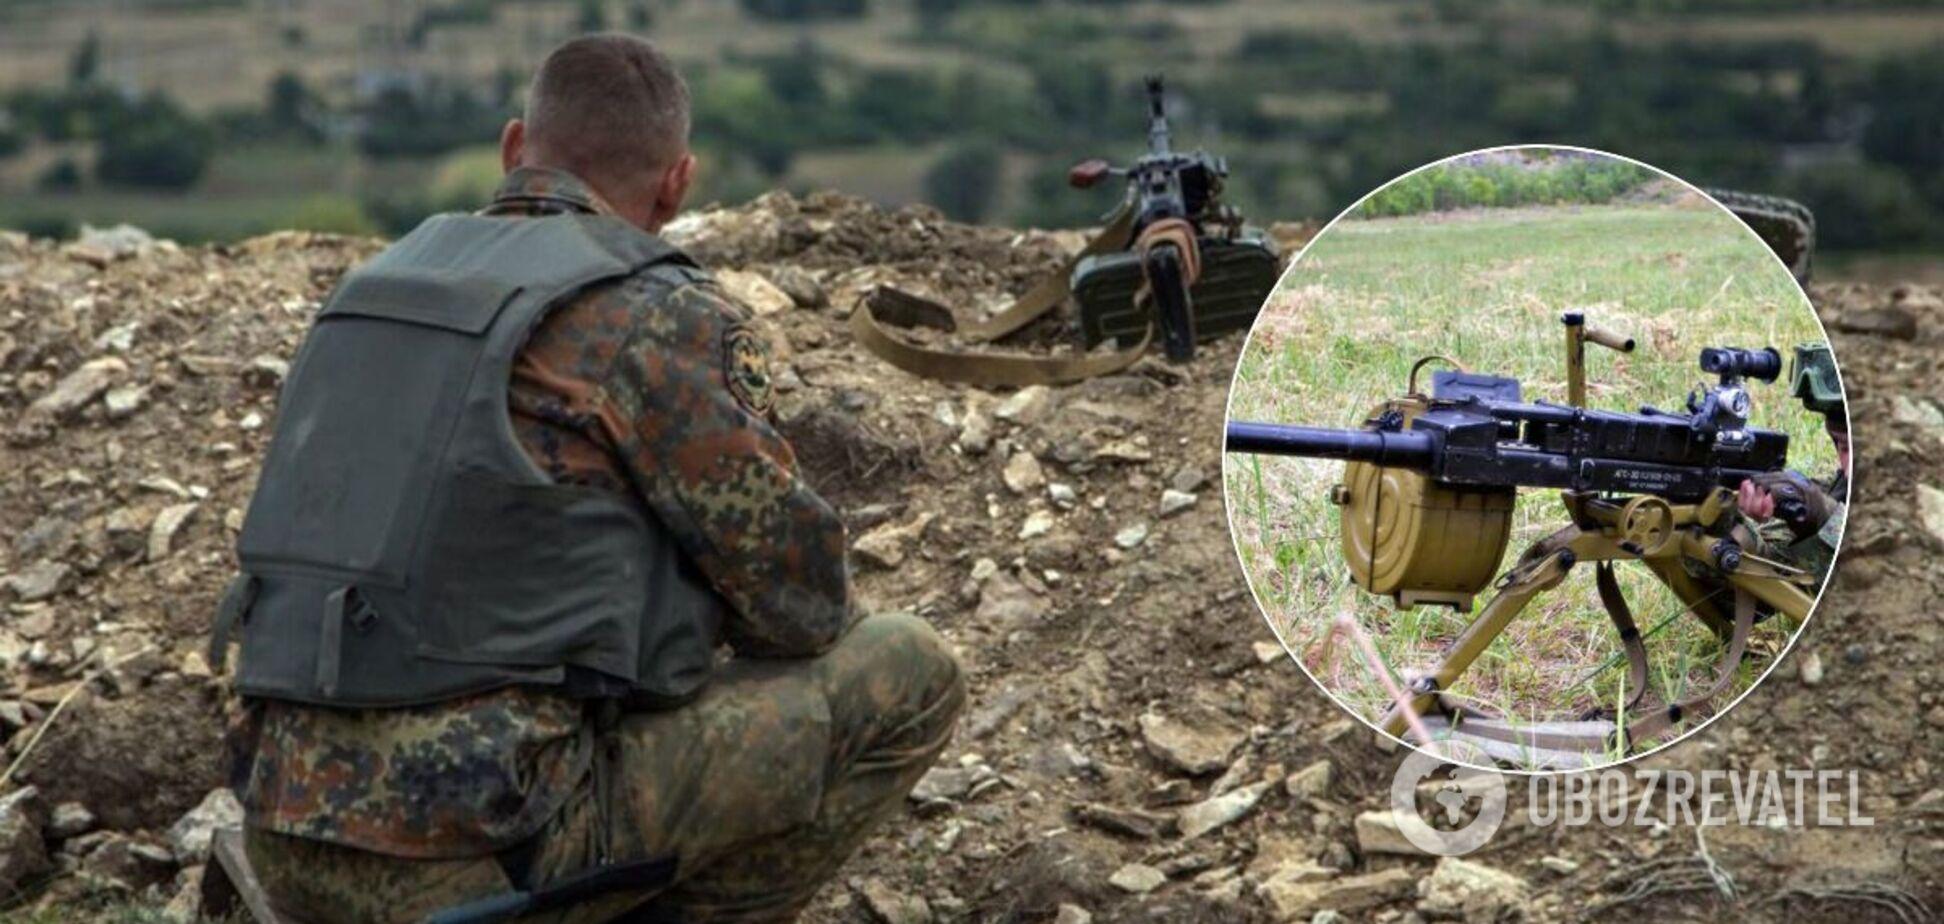 Террористы трижды обстреляли ВСУ на Донбассе – штаб ООС